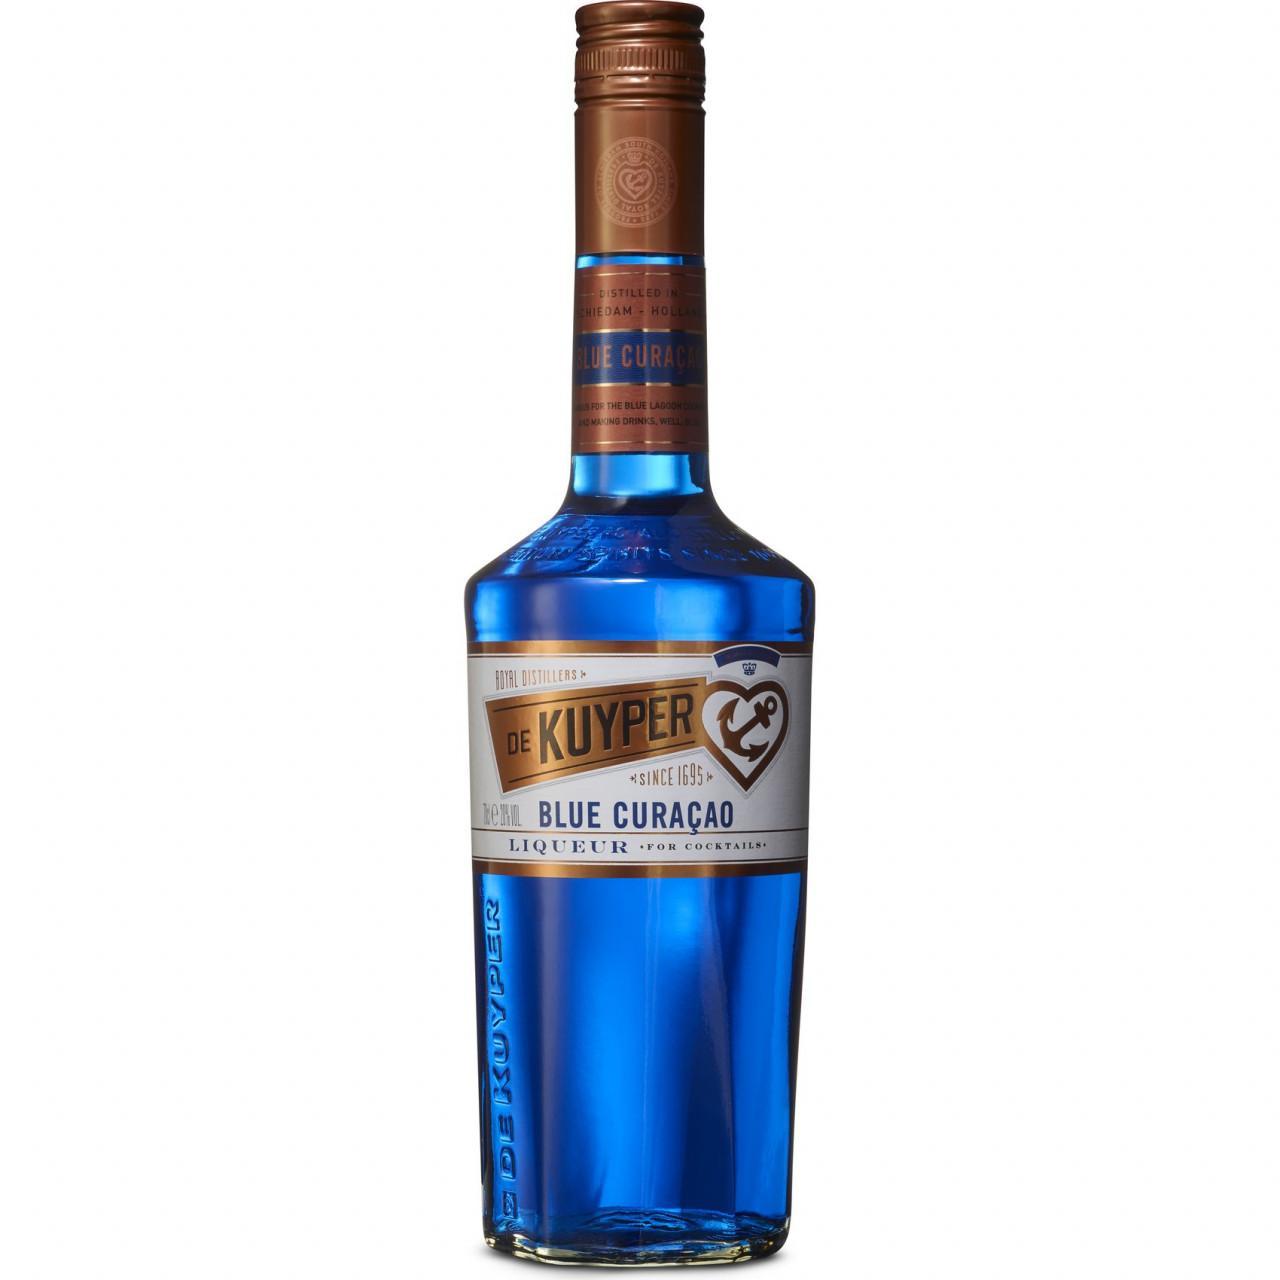 De Kuyper Blue Curacao 20% 0,7l